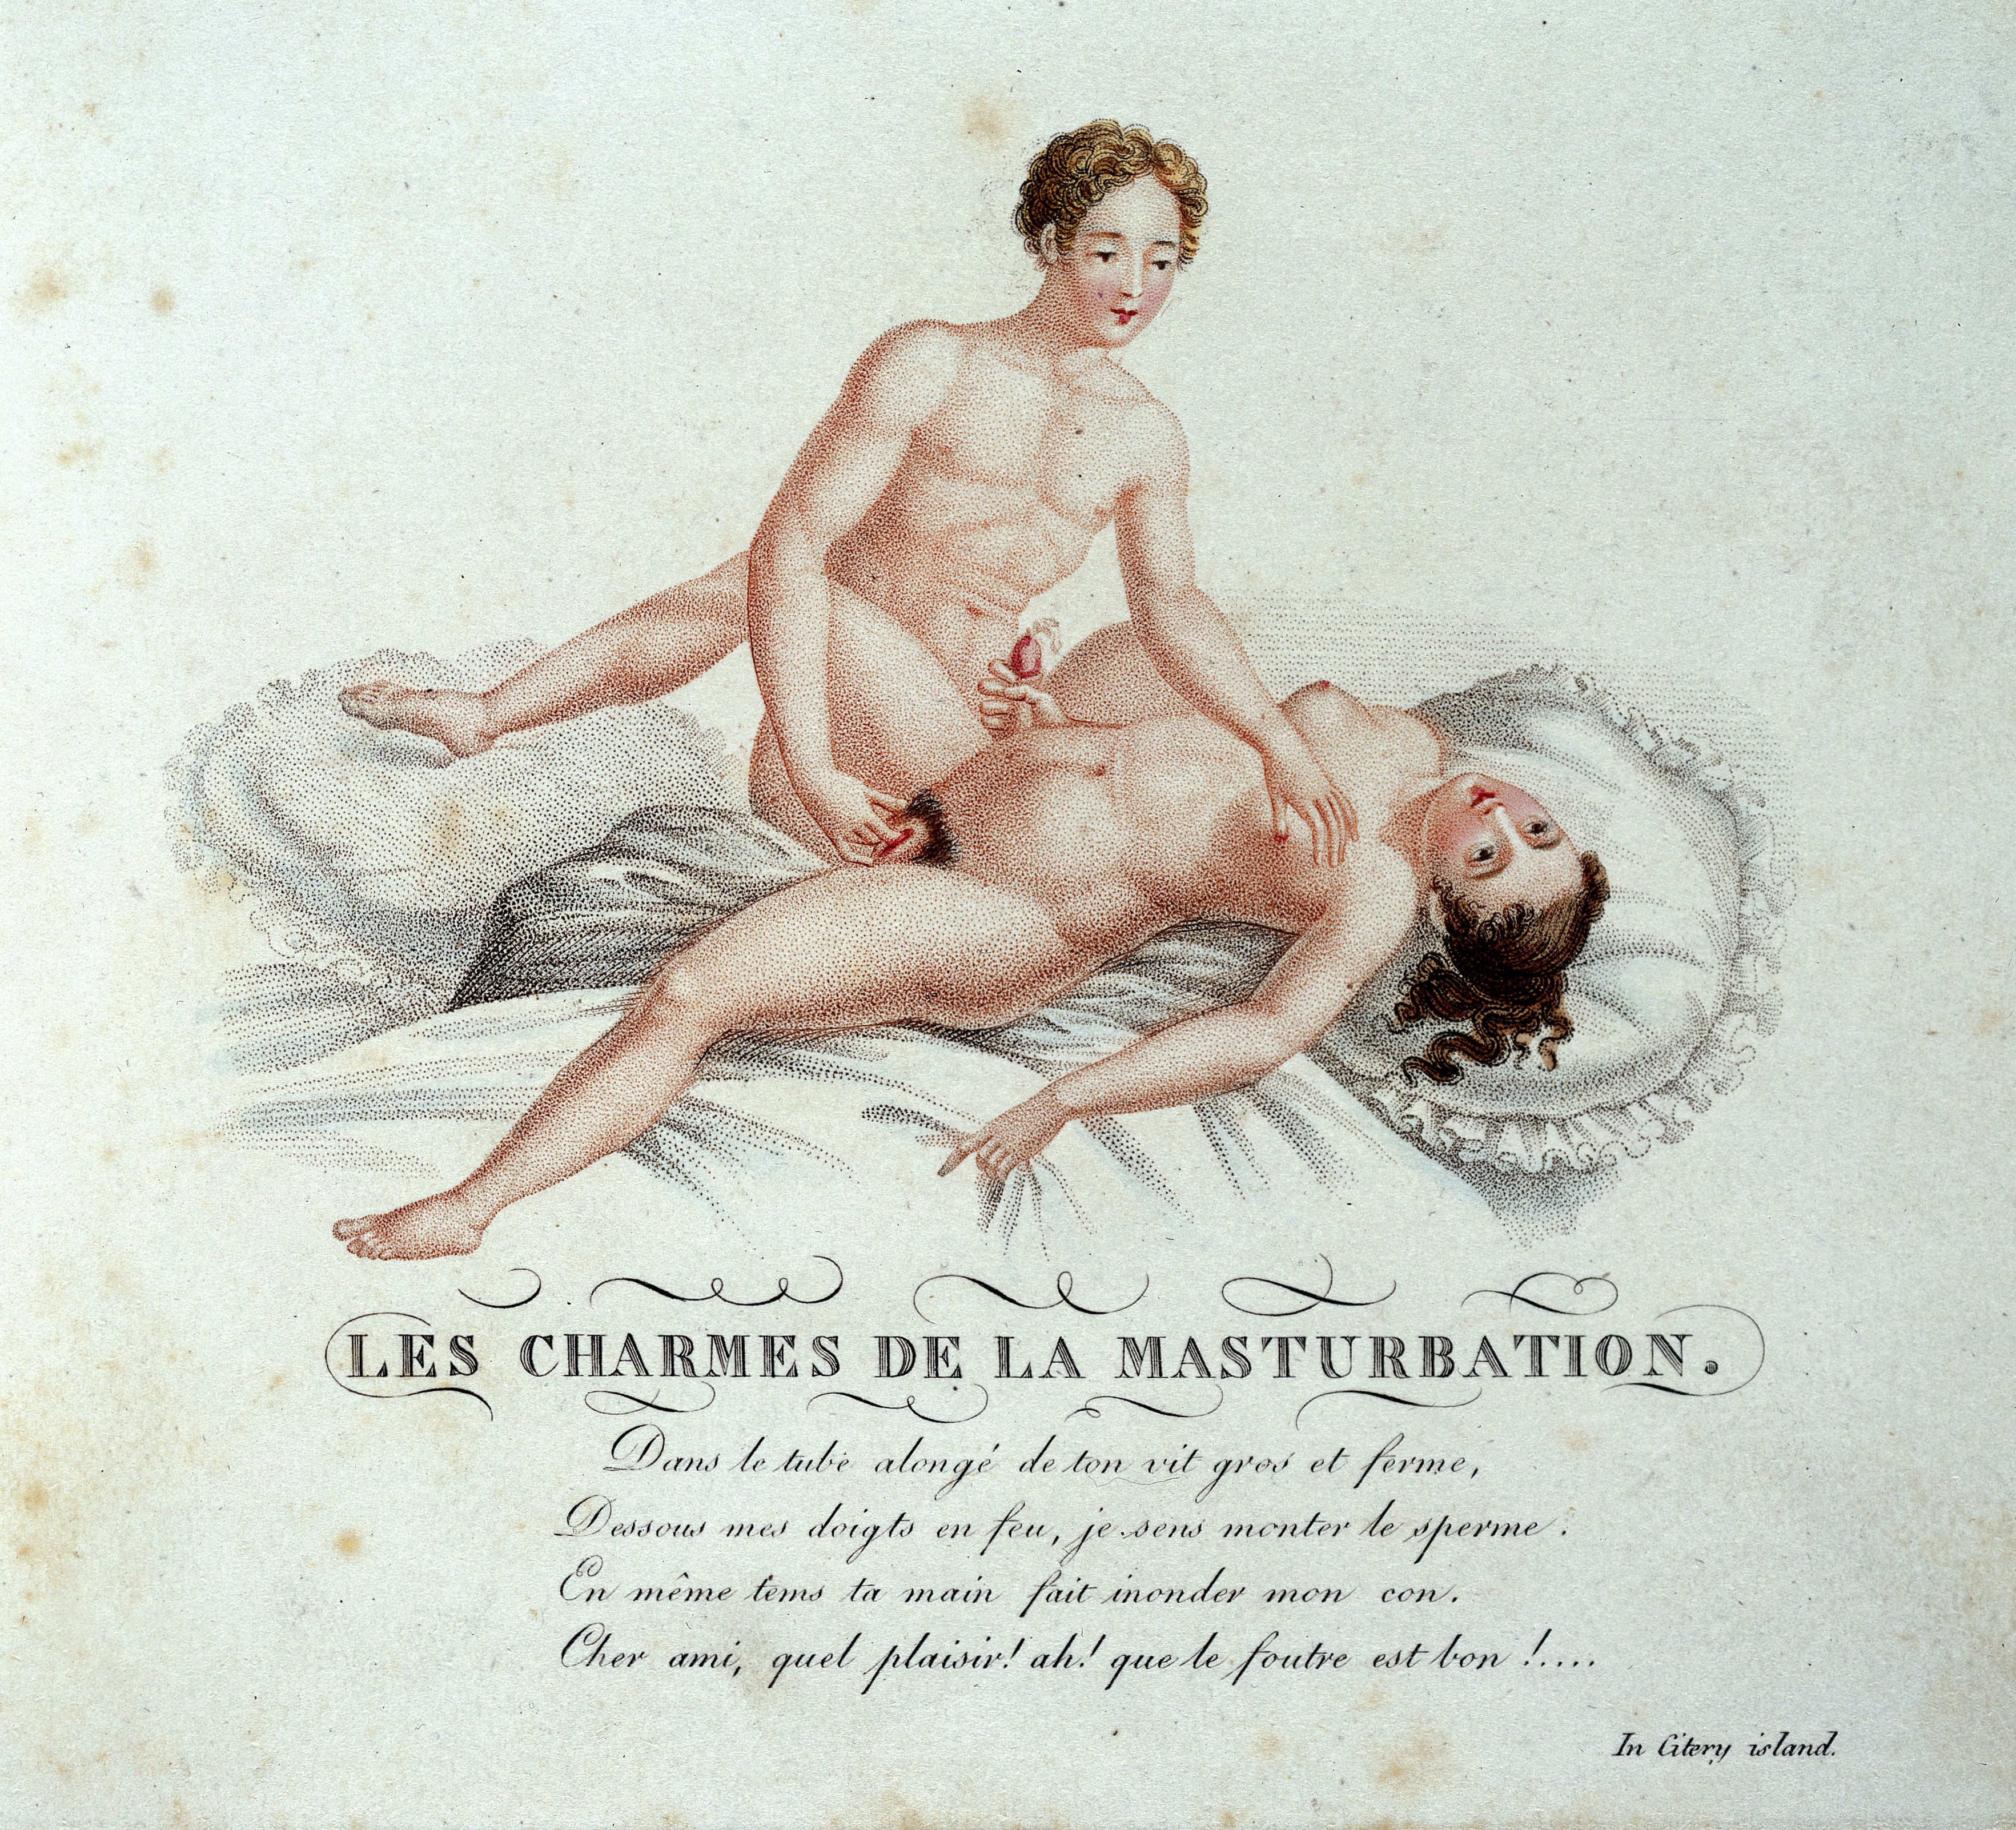 erekció altatásban férfiaknál péniszkötés